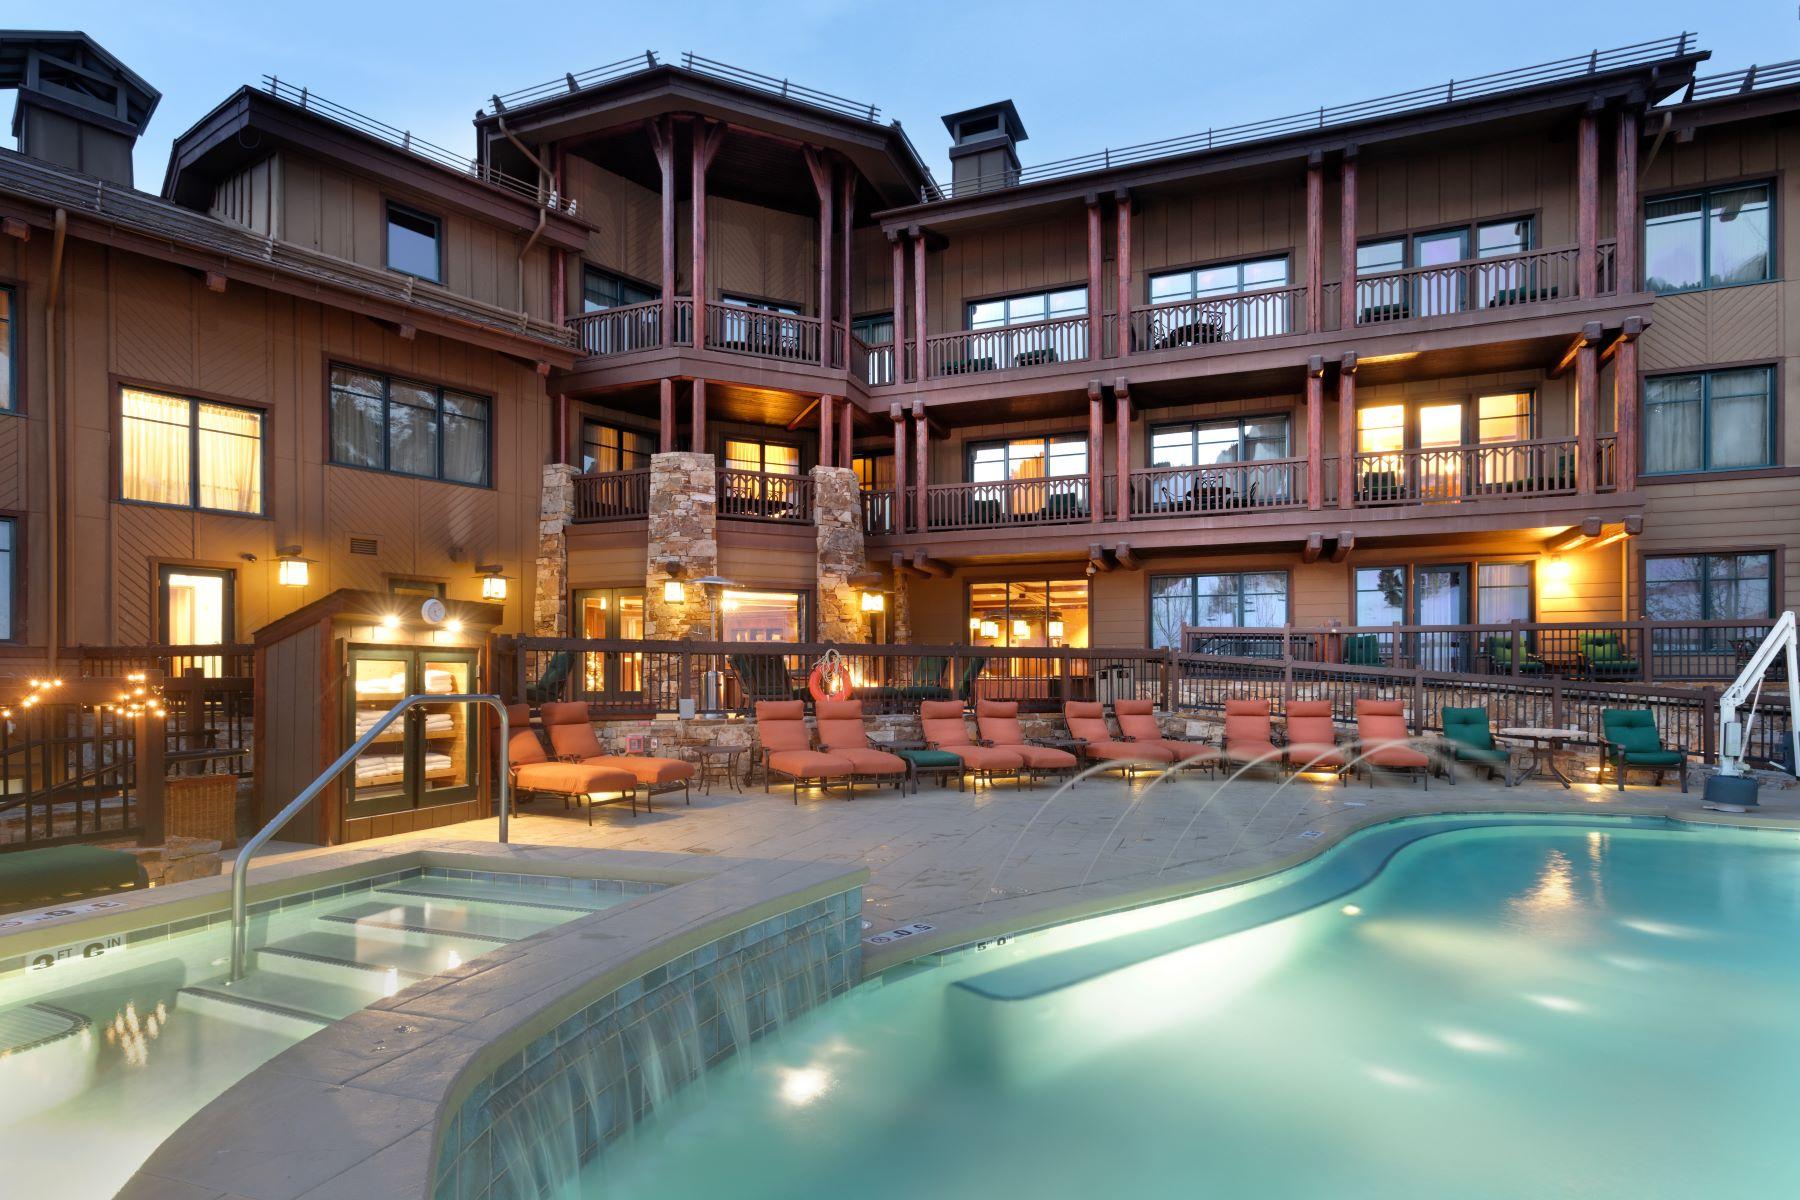 Долевое владение для того Продажа на Ritz-Carlton Club Fractional Condo Interest 0197 Prospector Road, 2401, Weeks 2, 6 & 8, Ritz-Carlton Club Fractional Condo Interest Aspen, Колорадо, 81611 Соединенные Штаты